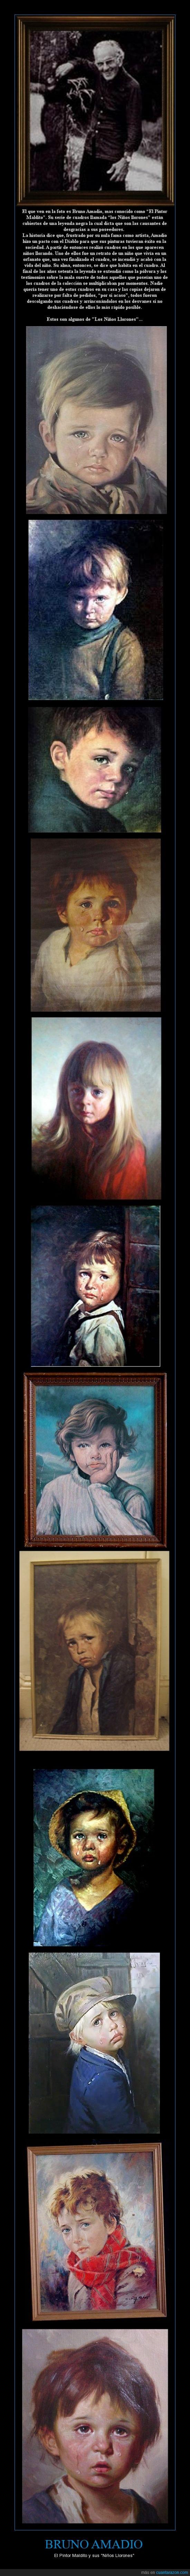 Bruno Amadio,cuadros,maldicion,niños llorones,pintor